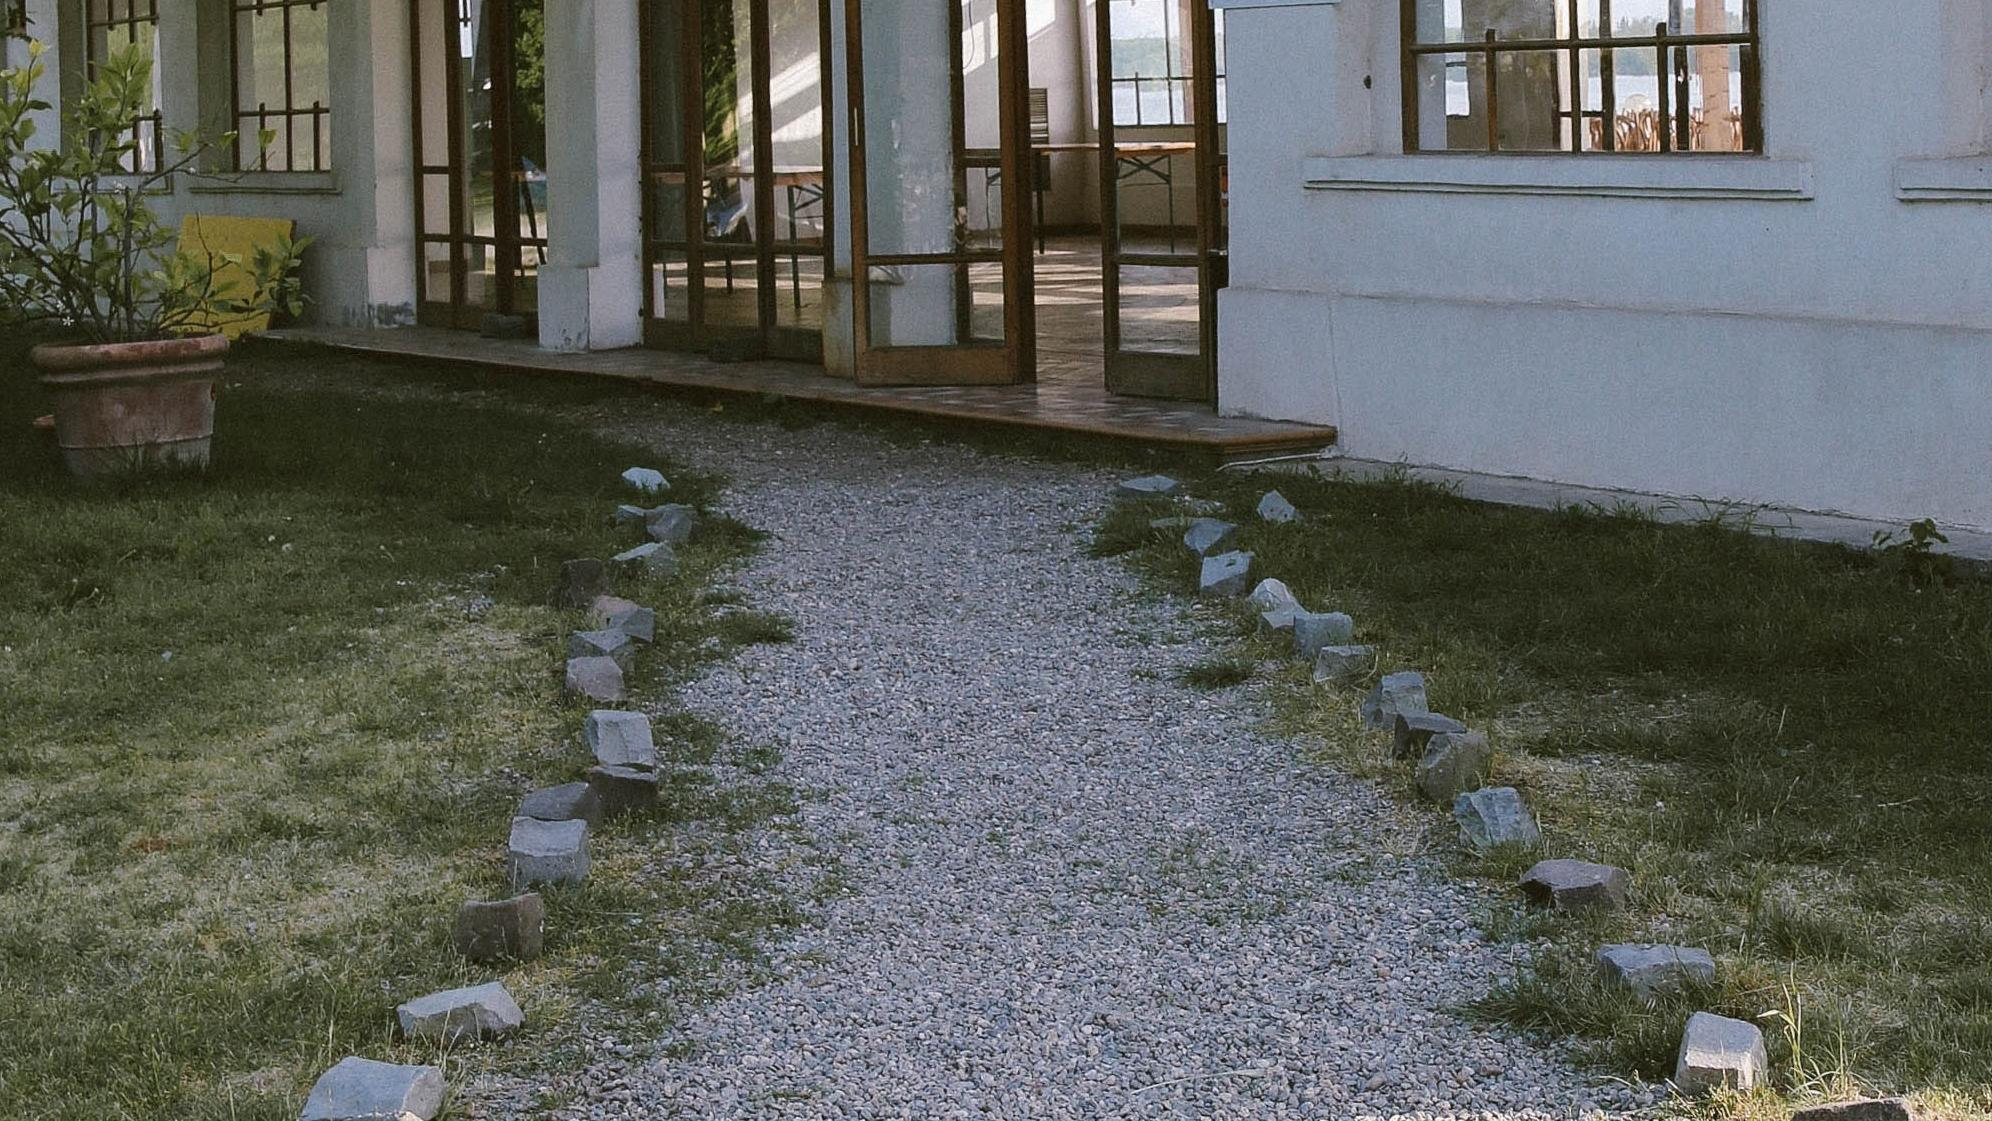 Gartenweg aus Kies anlegen: Tipps und Hinweise zur Gestaltung